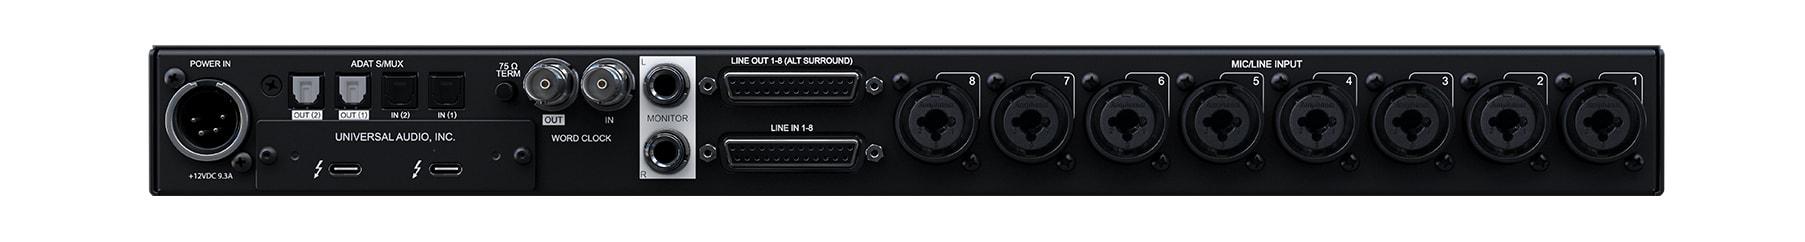 Universal Audio Apollo x8p Heritage Edition Audiointerface